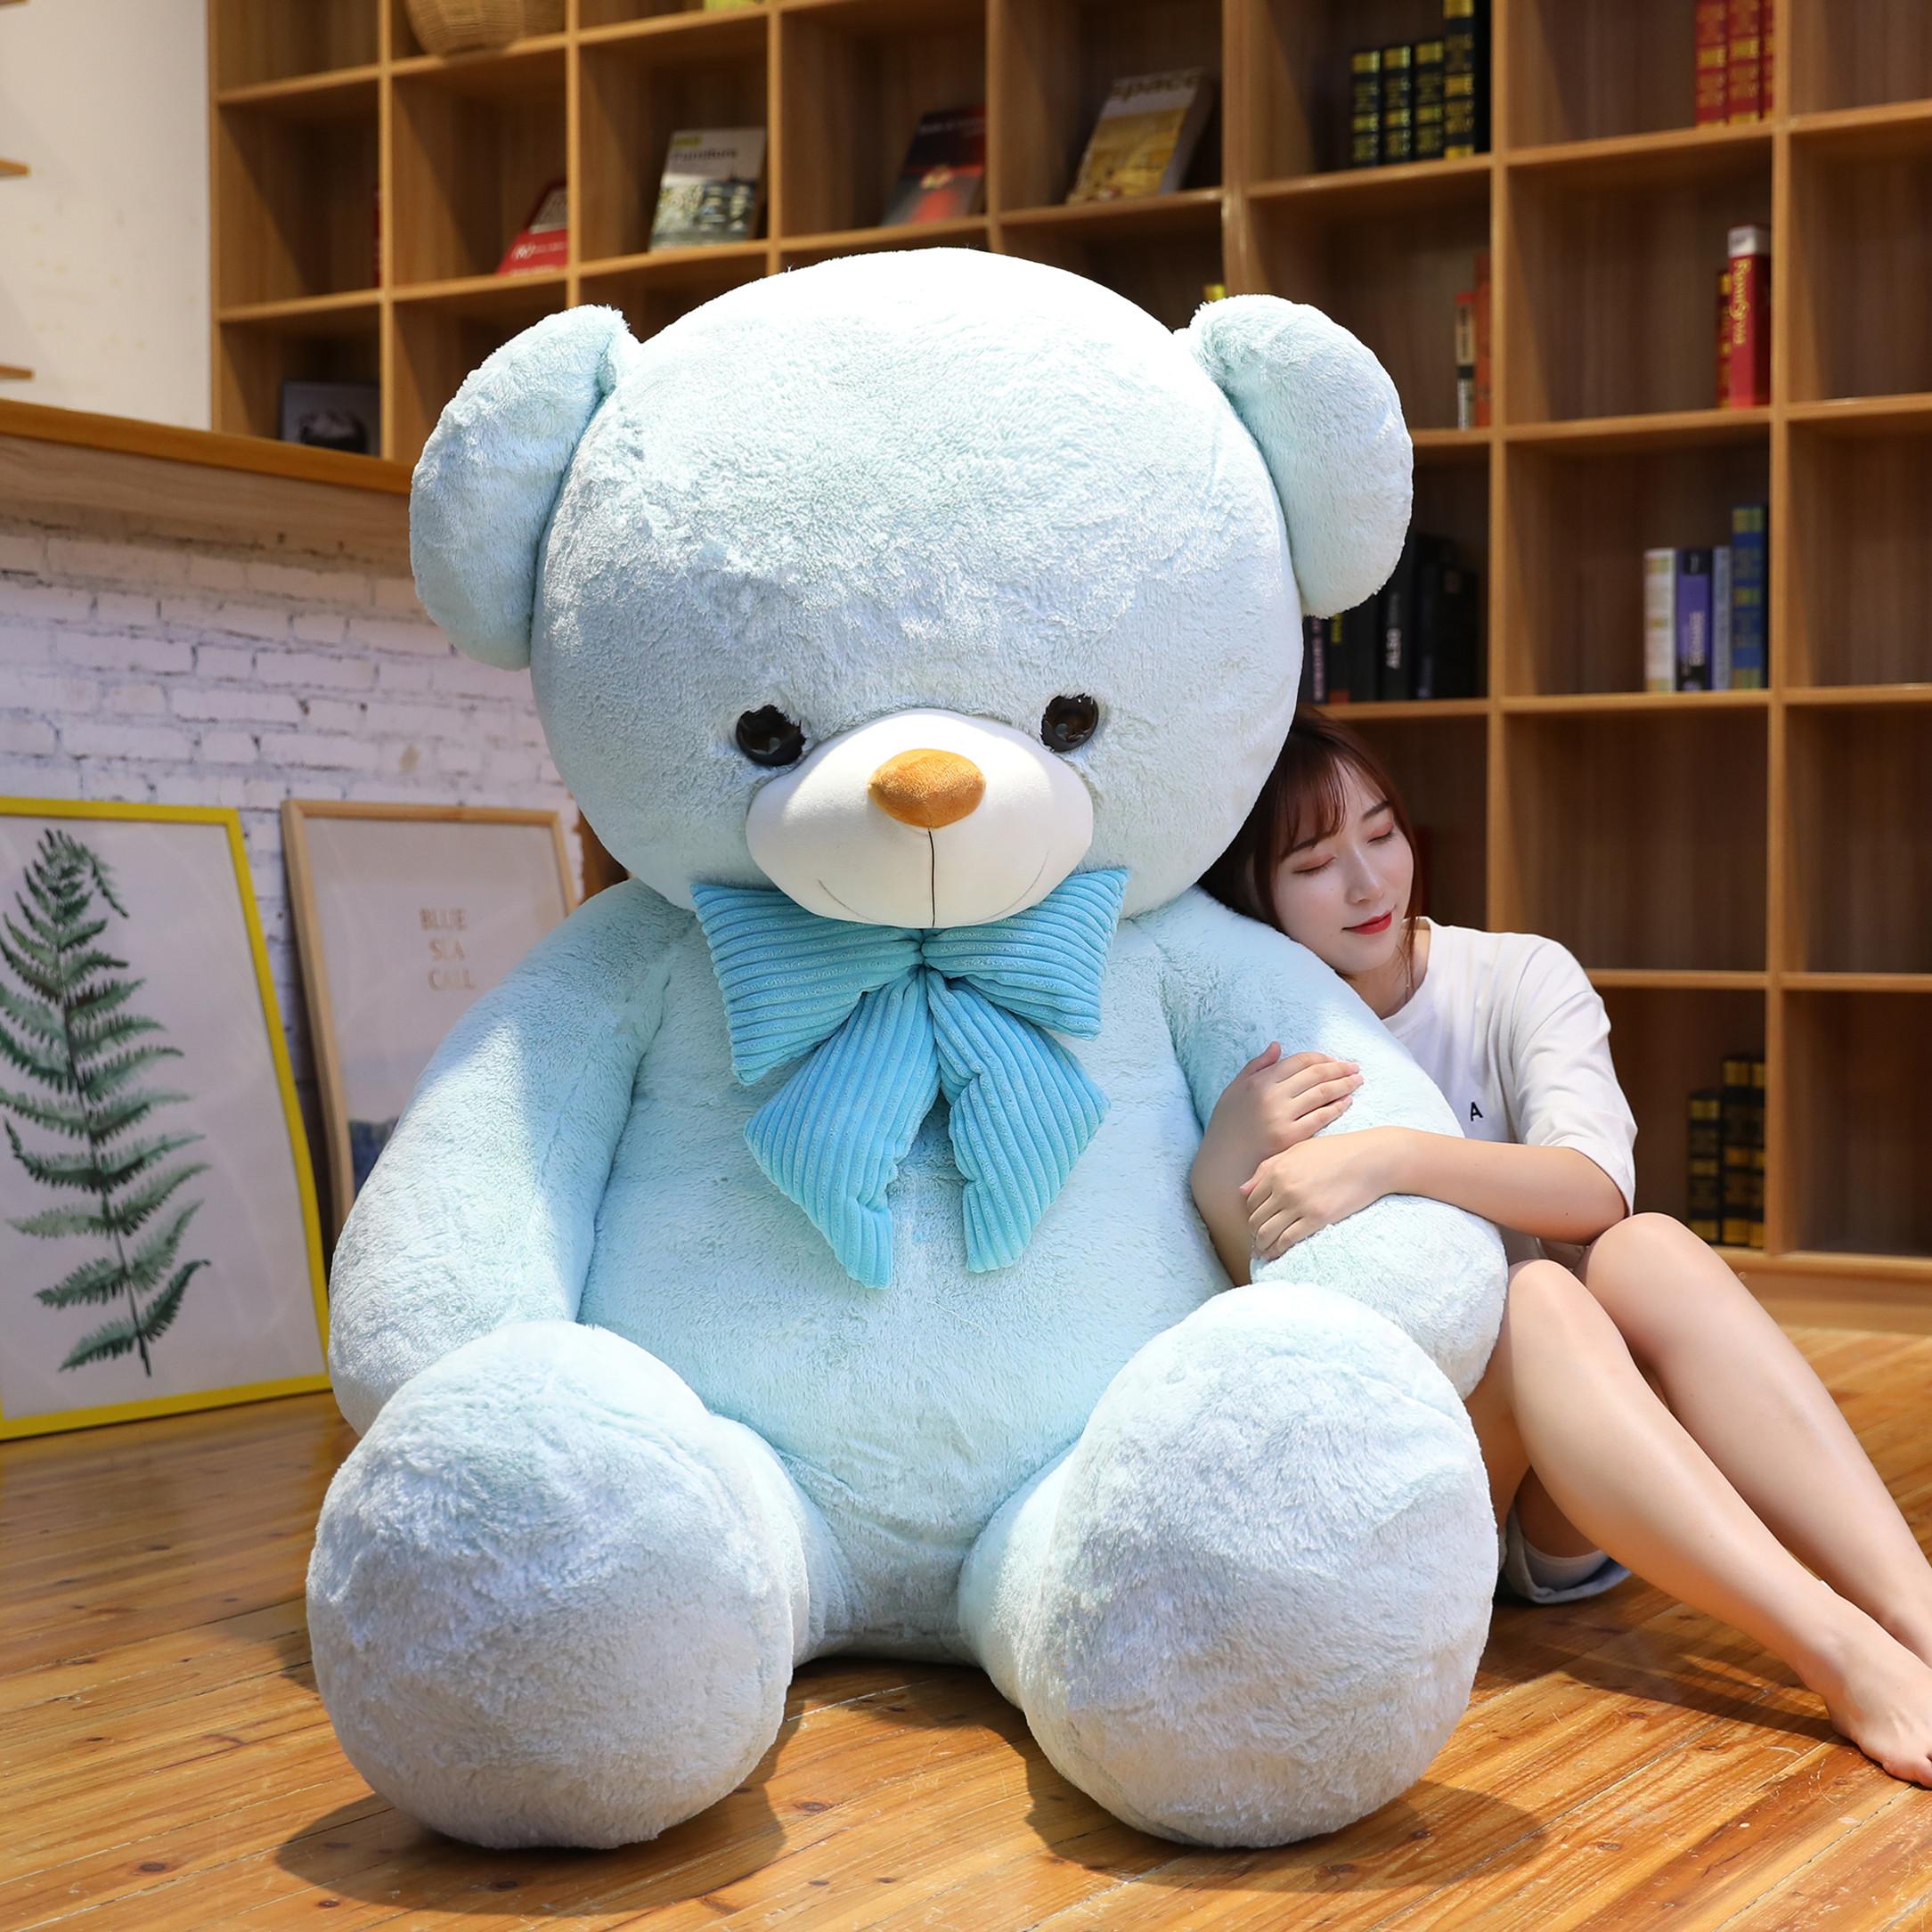 泰迪熊猫公仔抱抱熊女孩毛绒玩具蓝色布娃娃可爱超大熊特大号狗熊